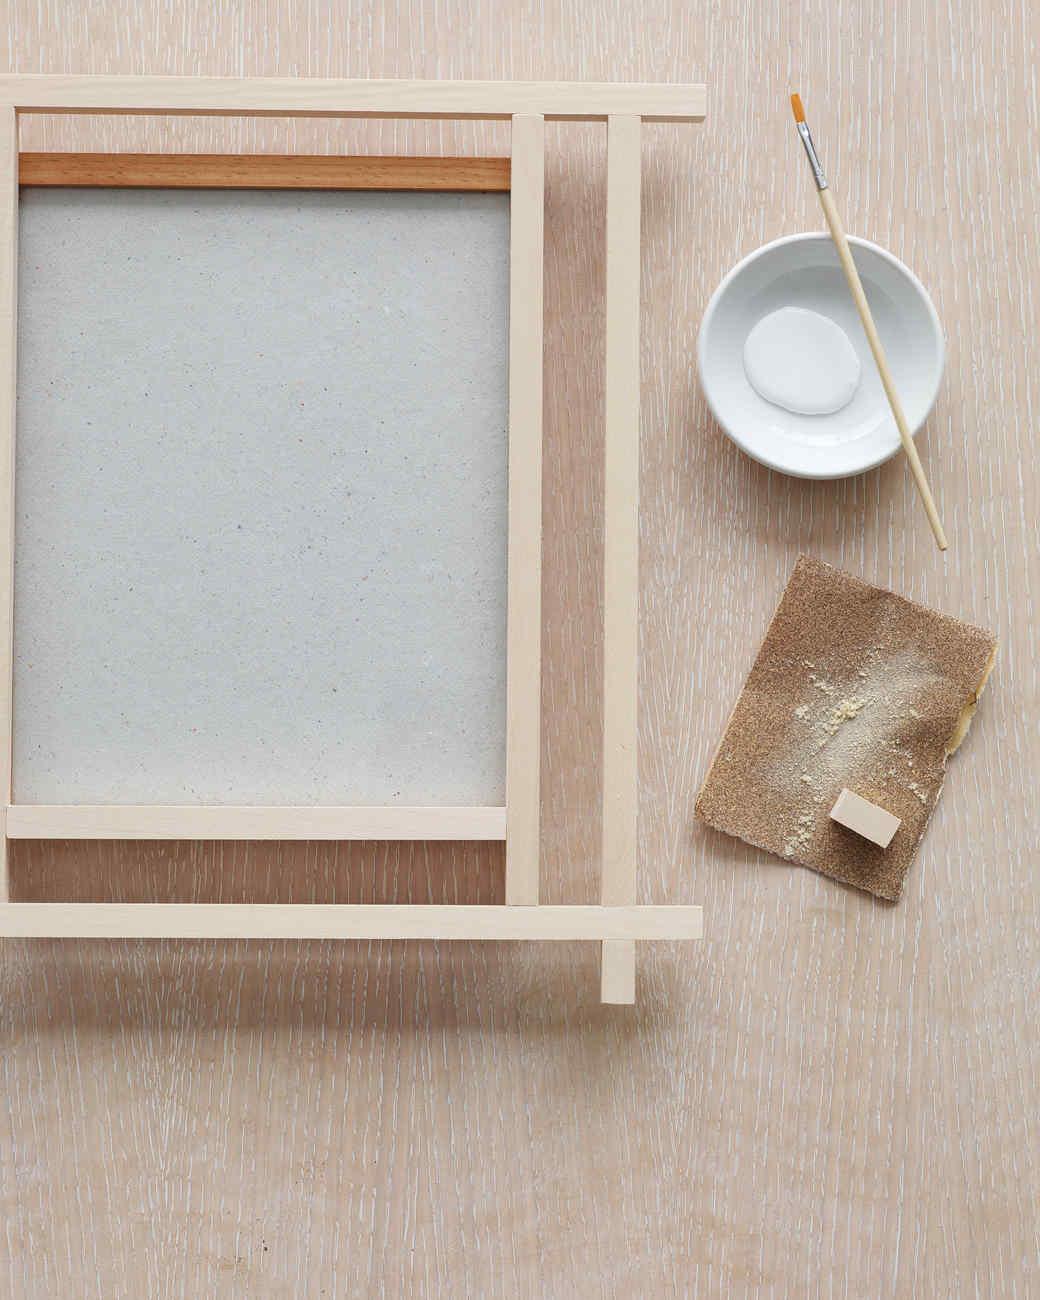 frames-double-border-0911mld107572.jpg